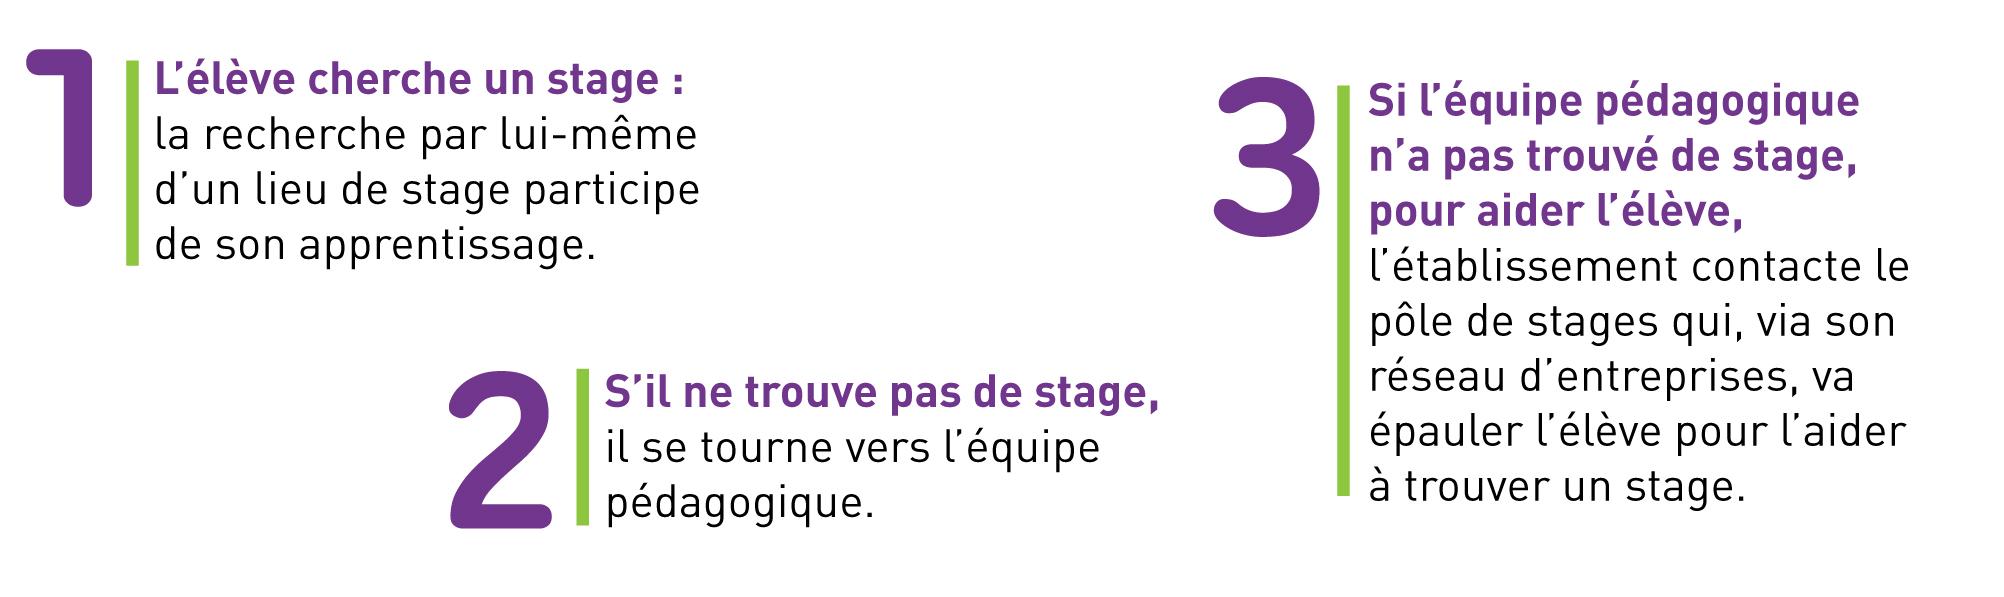 DP École Entreprise - pôle de stages